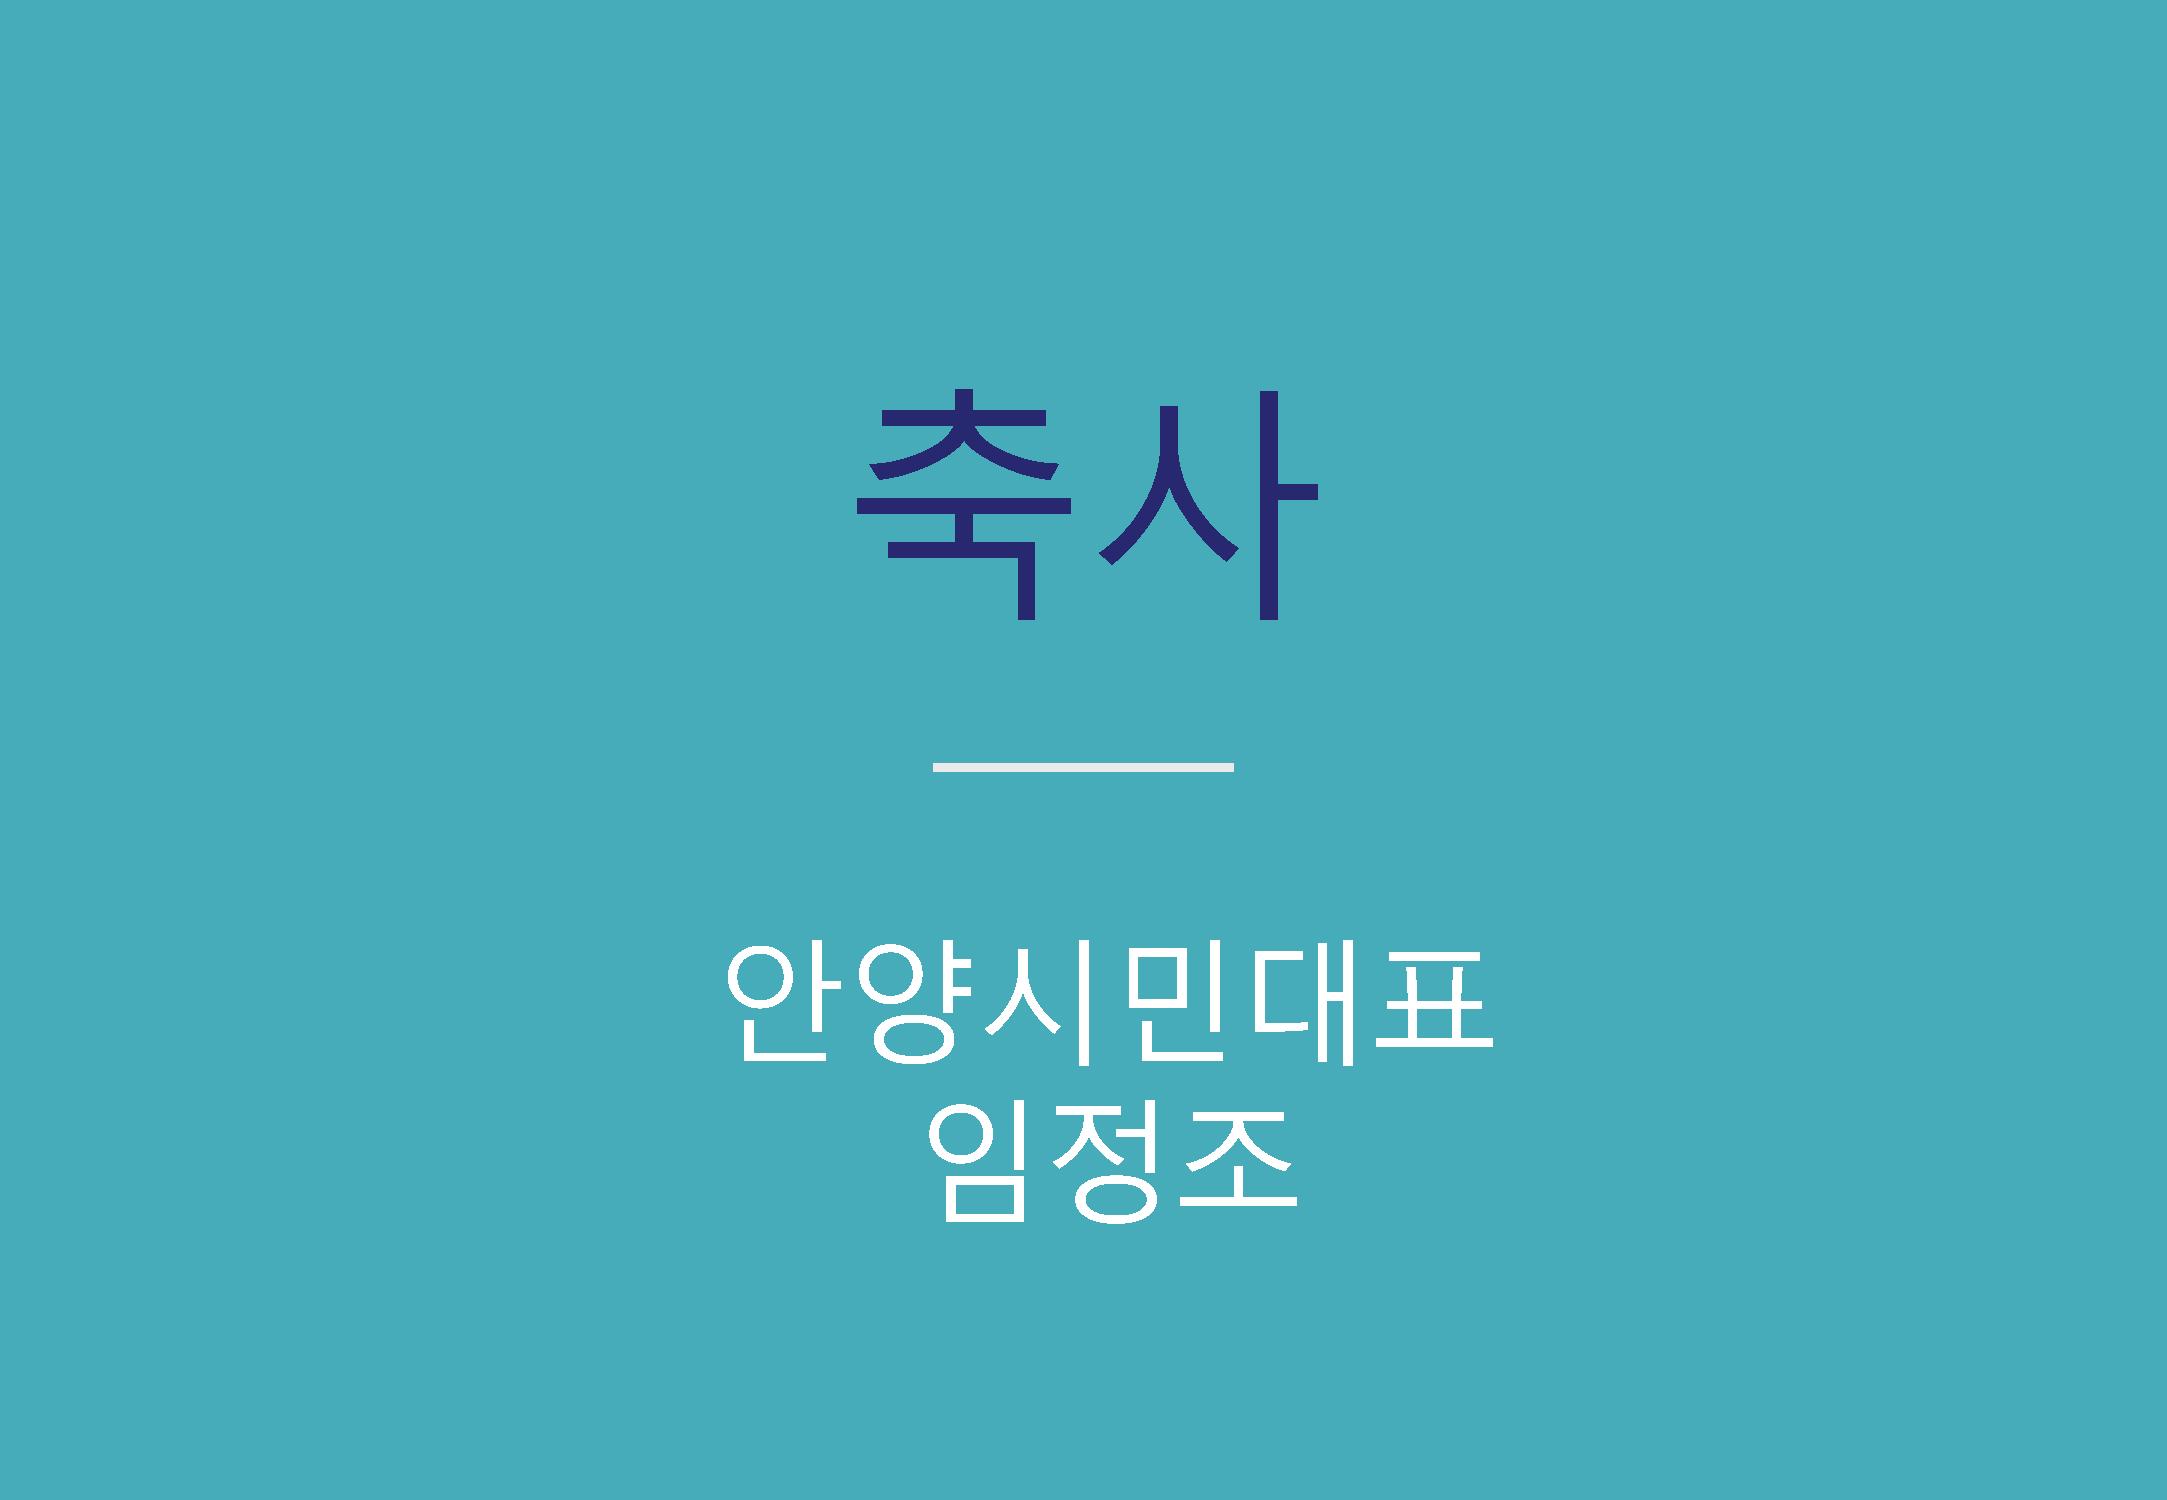 경기 평화통일비전사회적대화_190824_식순 PPT_최종_페이지_015